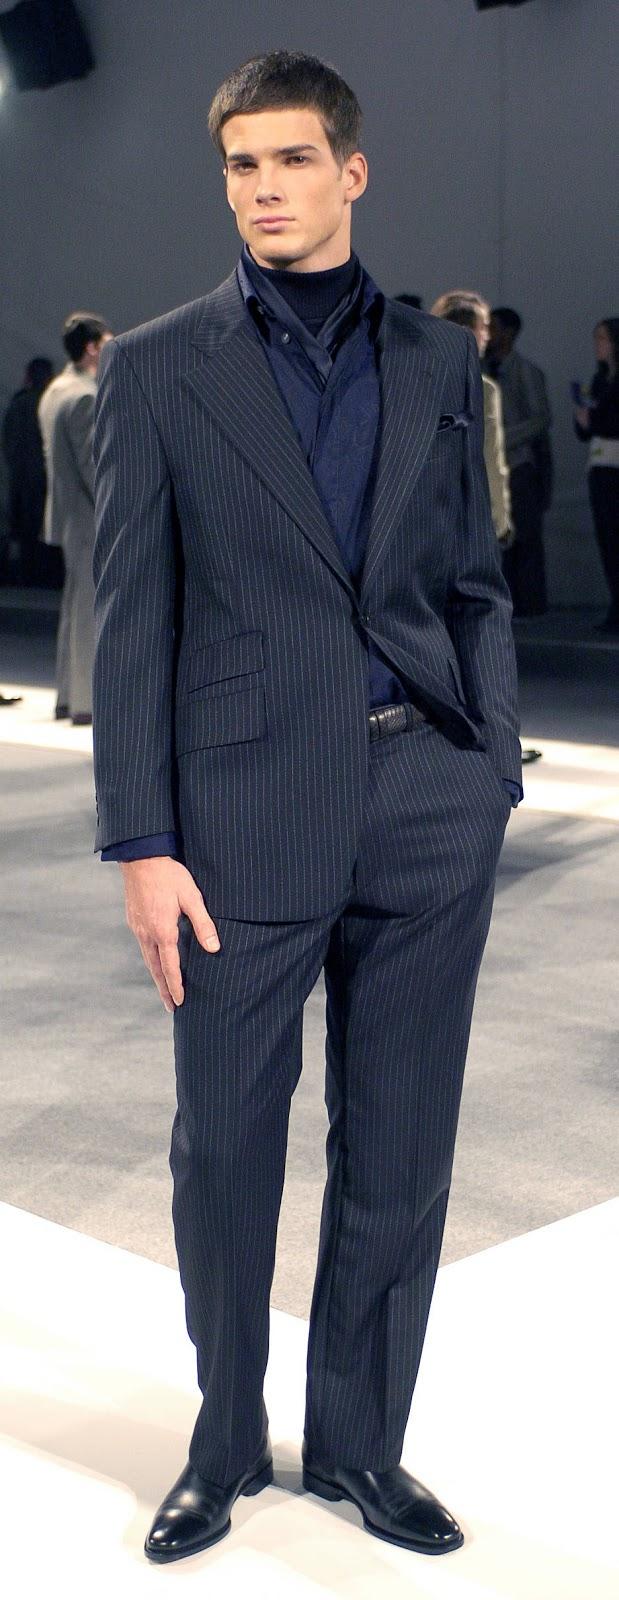 hugo boss wedding suits - photo #8